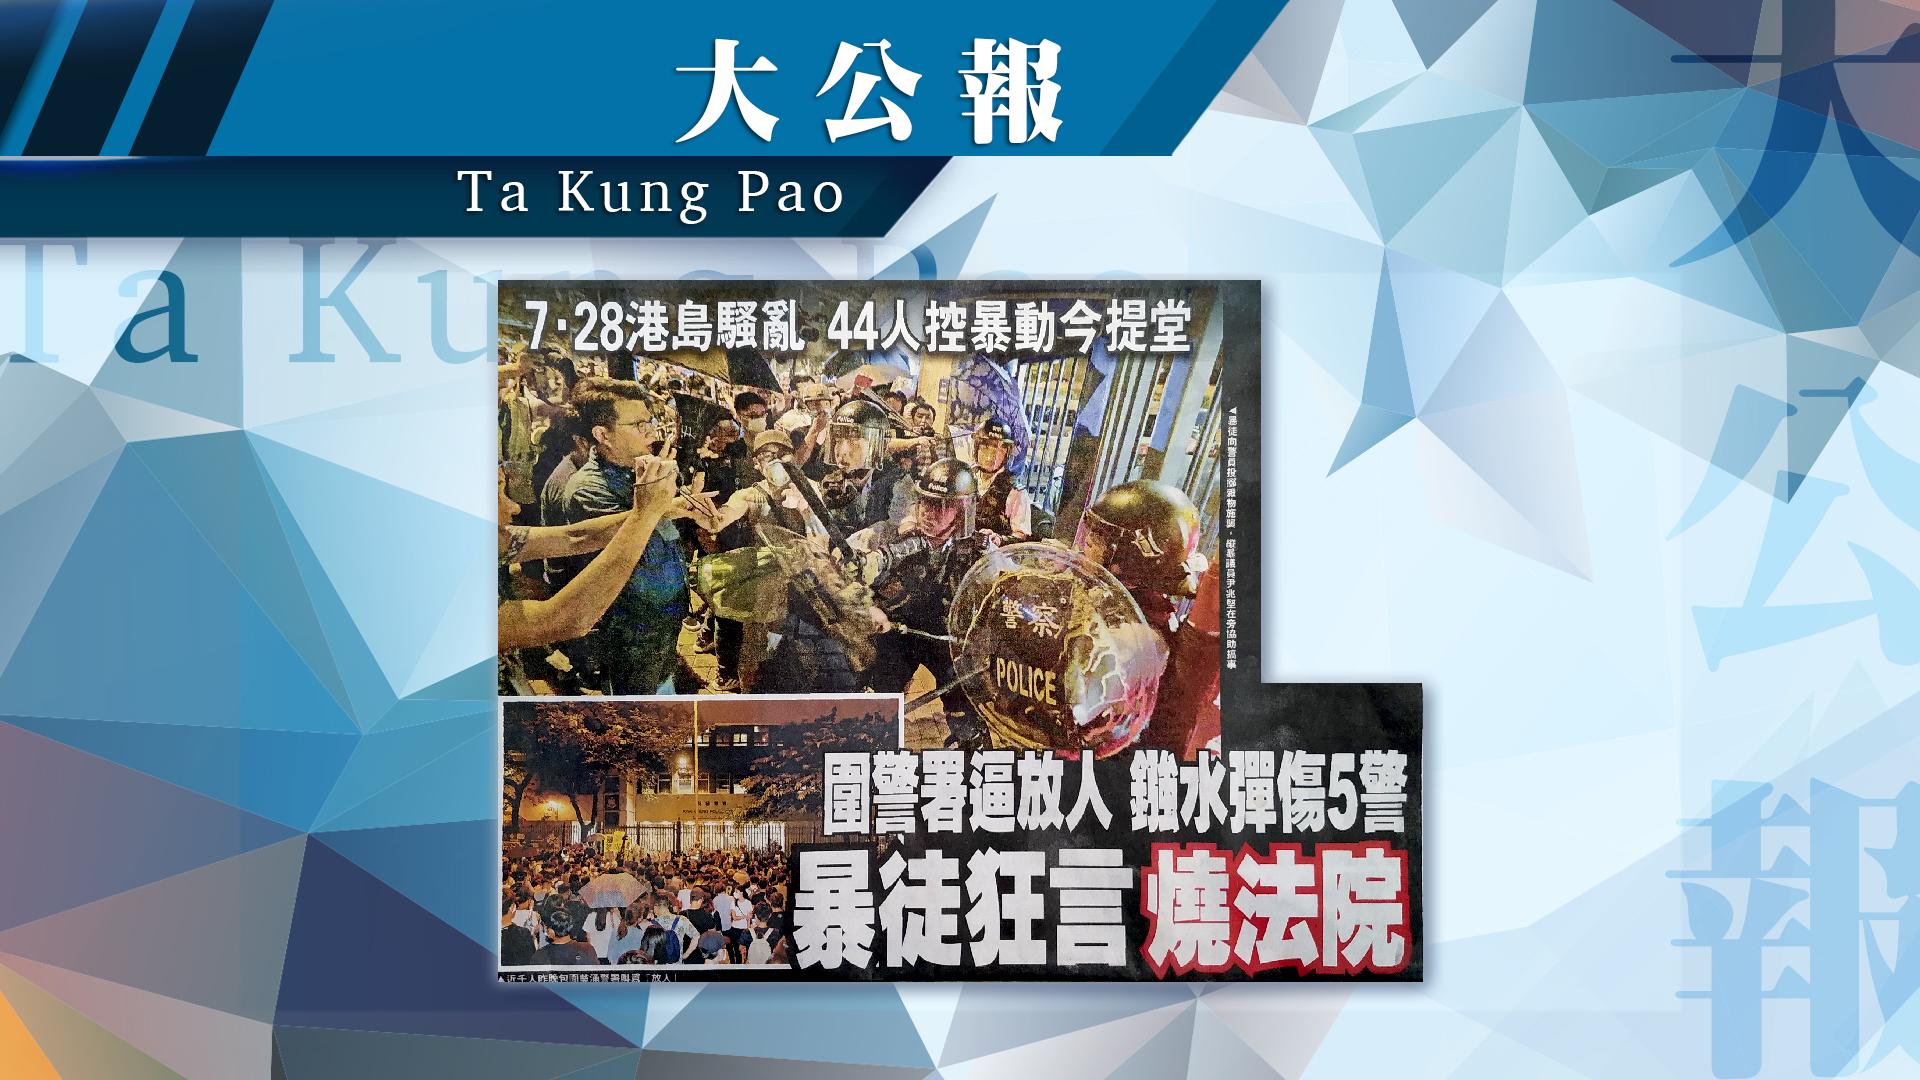 【報章A1速覽】7.28衝突拘49人 兩日後控44人暴動;惠譽:市民不信政府 損評級根基